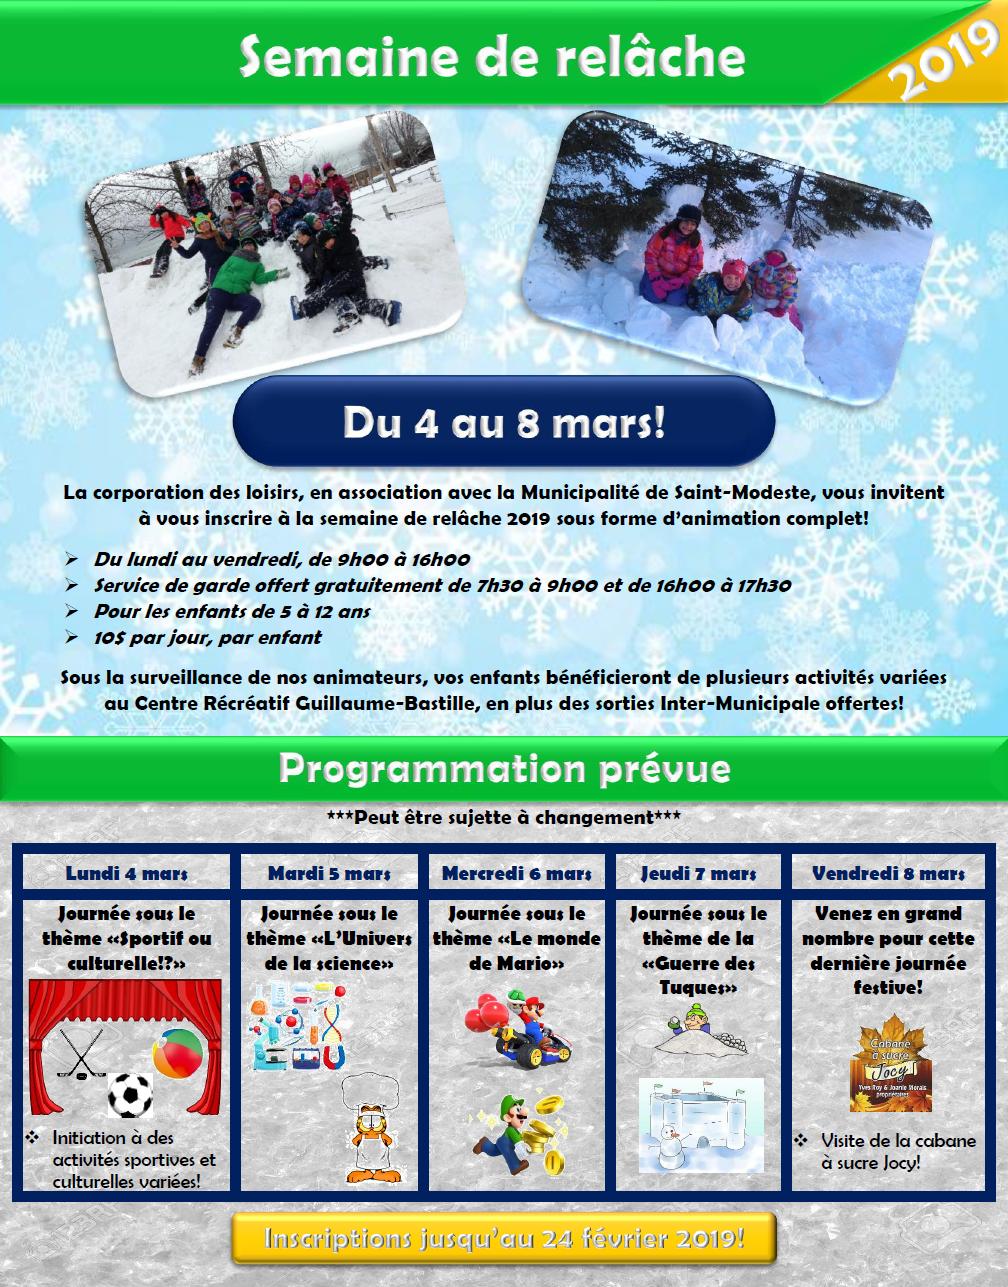 Semaine de relâche 2019_programmation (Auteur : Andrée-Anne Marcoux)